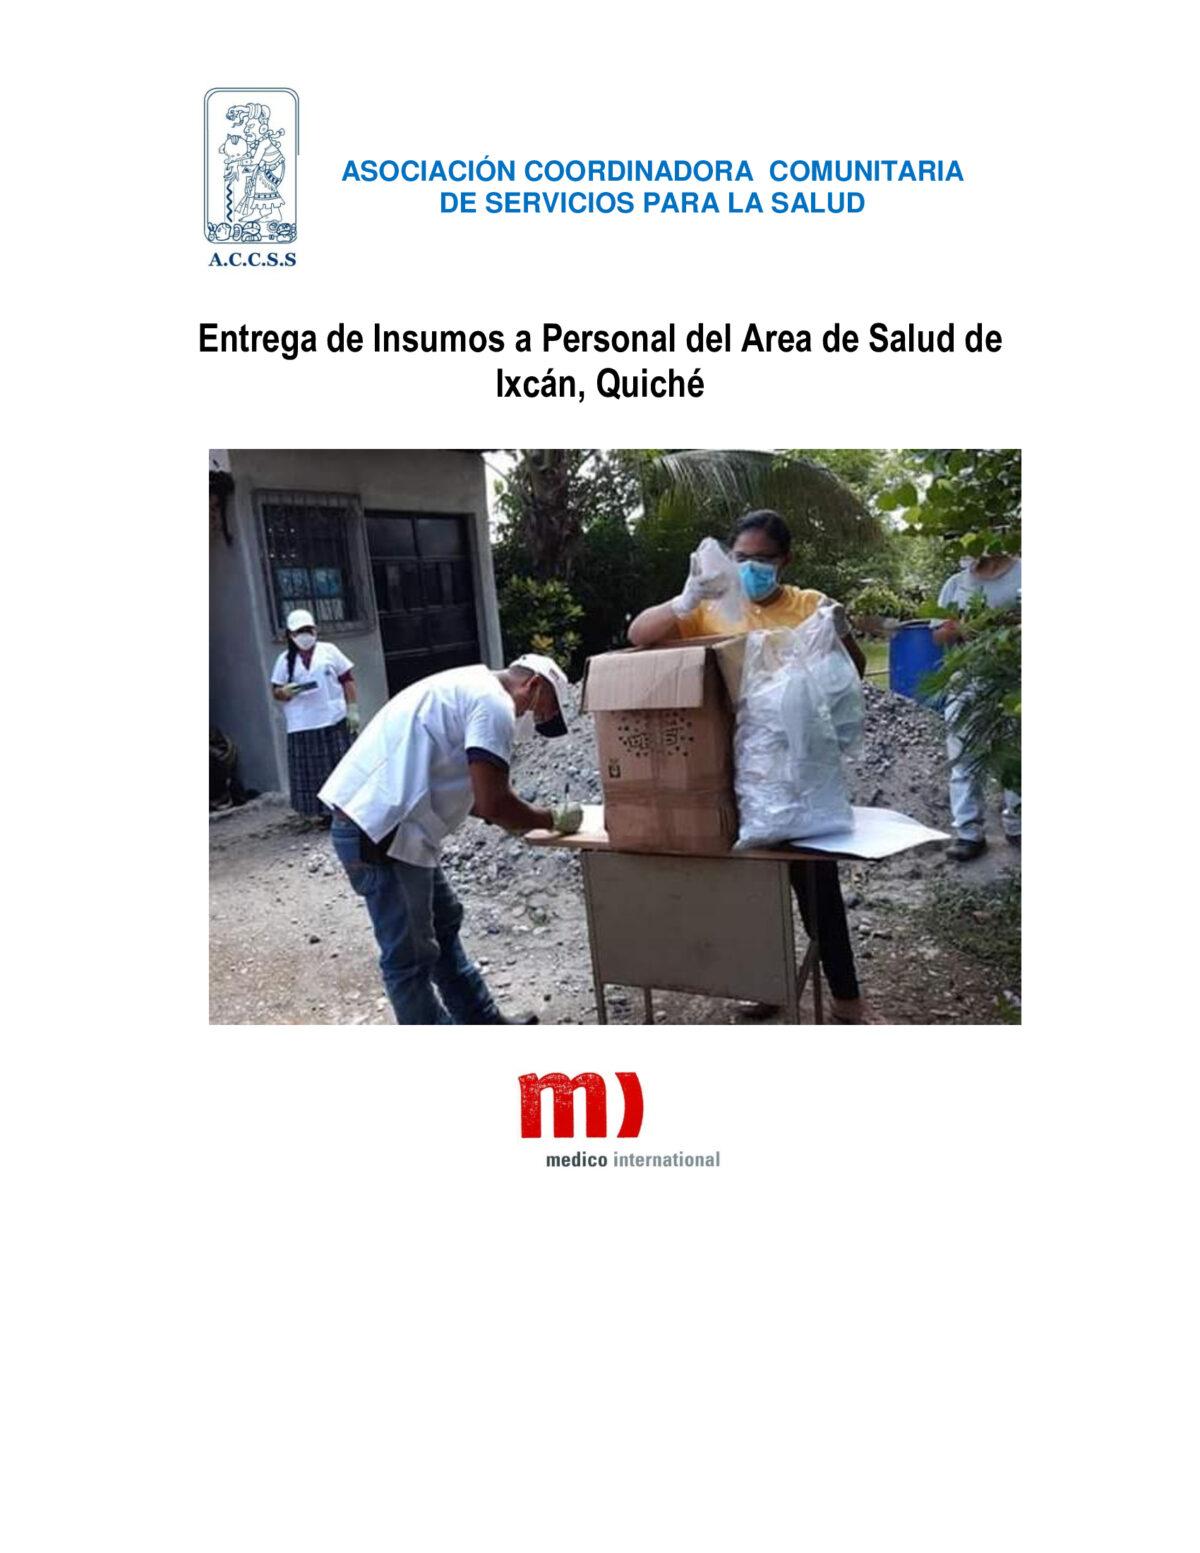 ACCSS realizó entrega de insumos al personal del Área de Salud de Ixcán